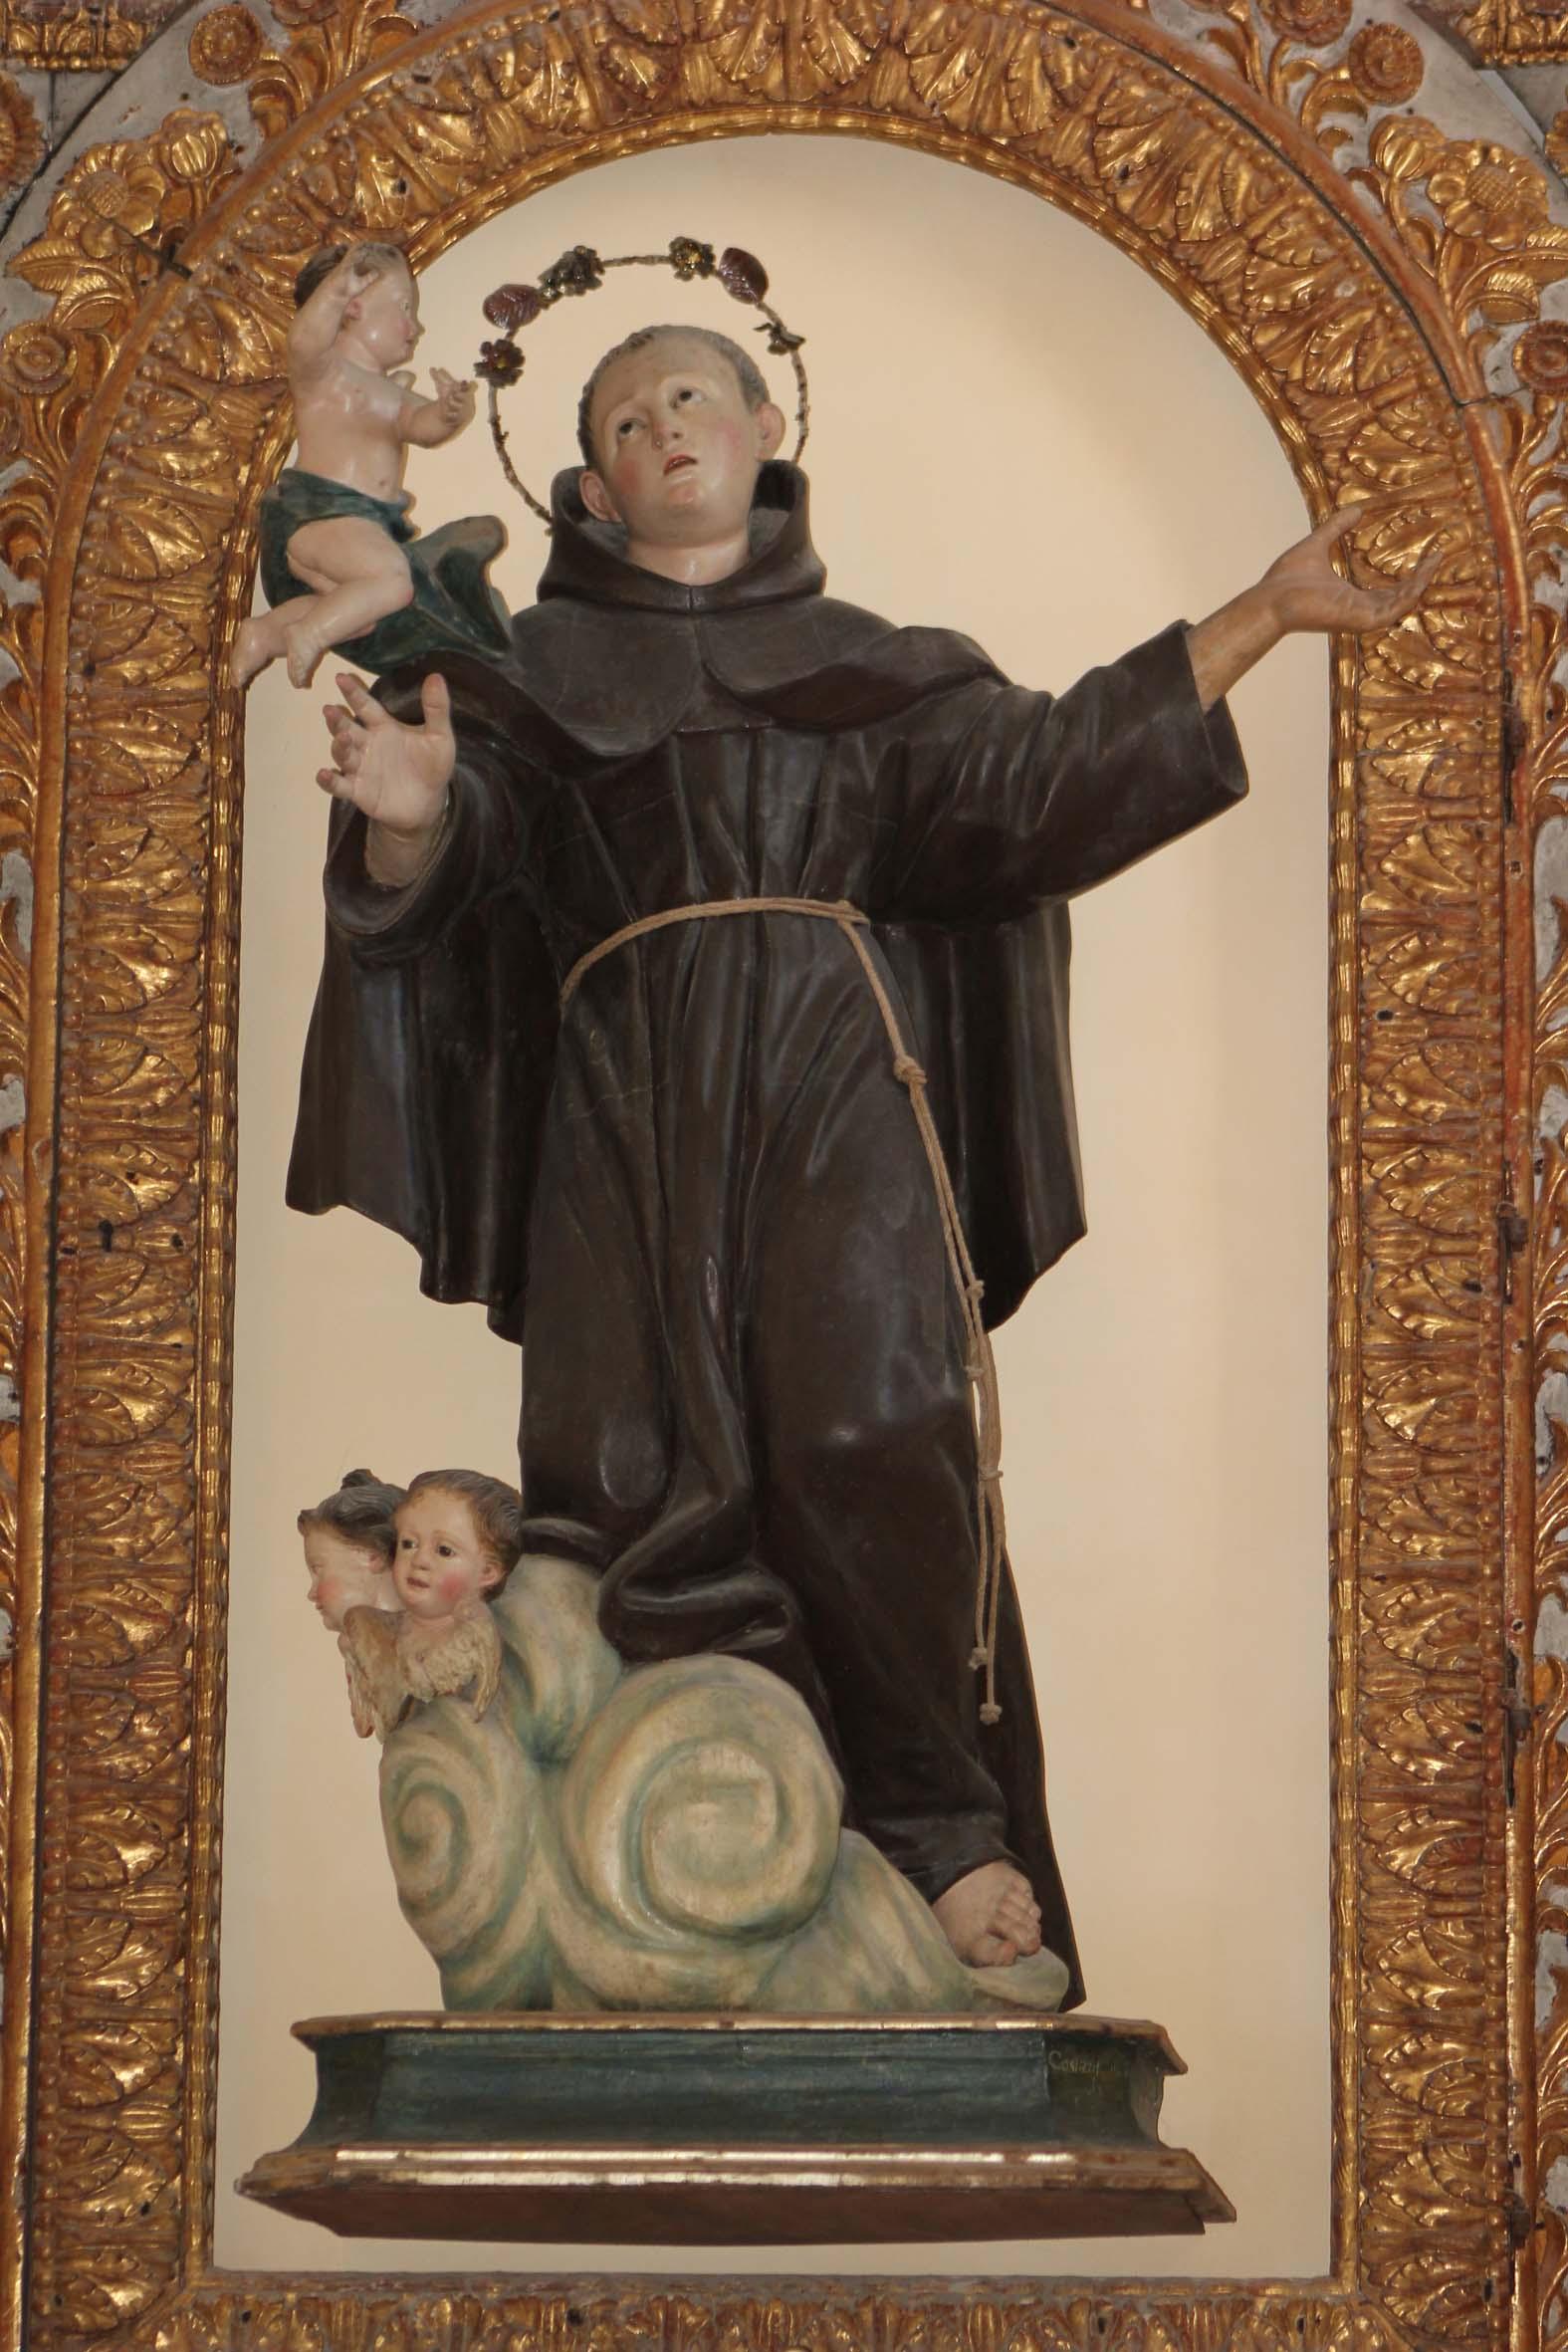 L'enigma del simulacro di san Pasquale Baylon in san Francesco d'Assisi